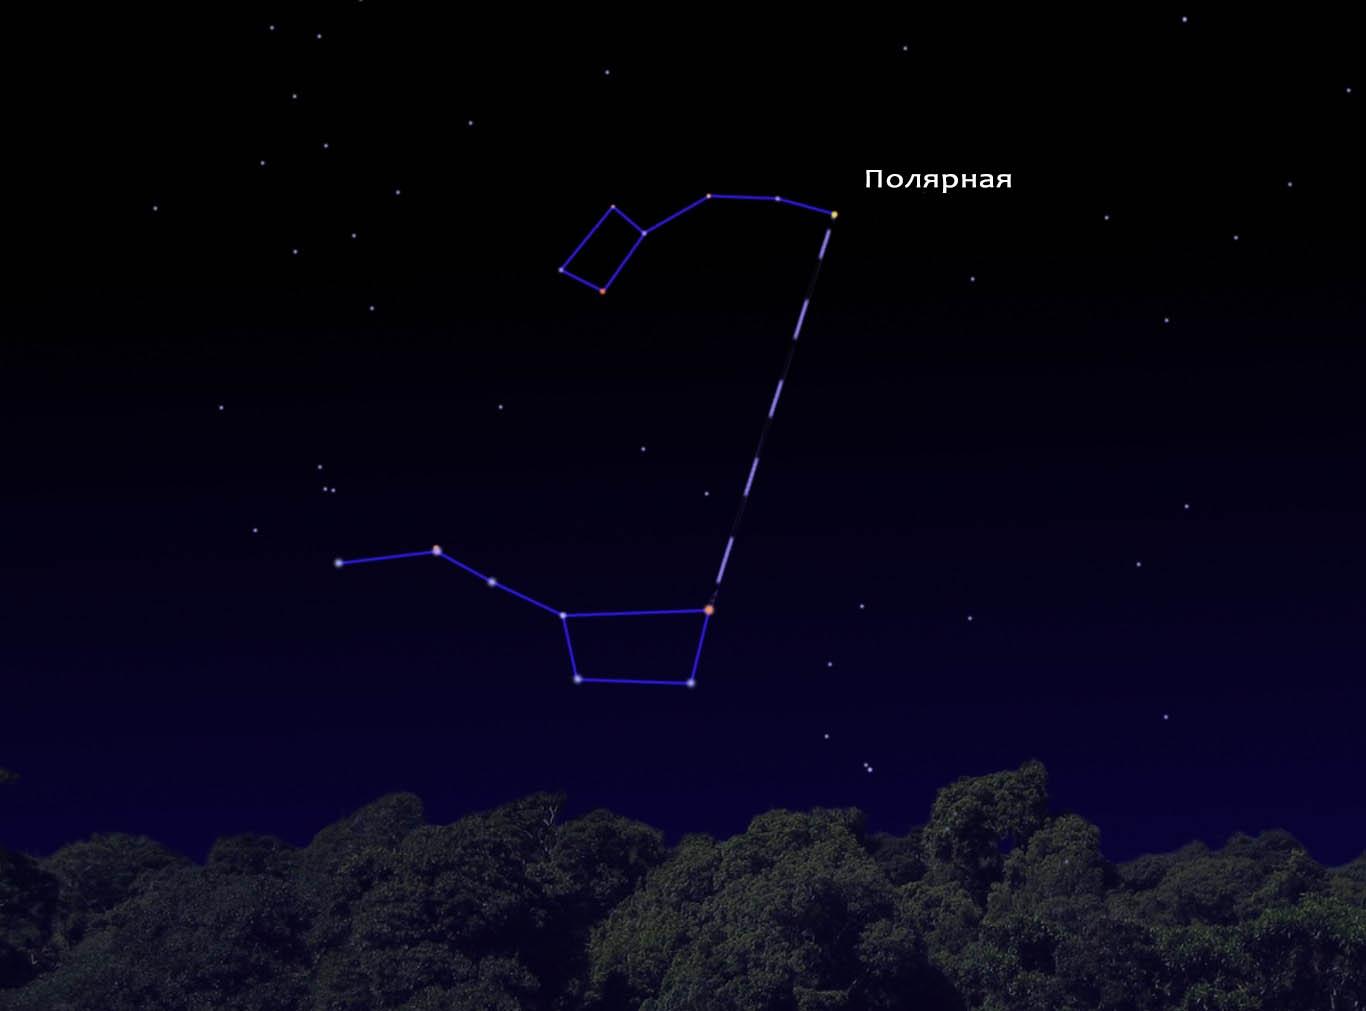 Как найти Полярную звезду?